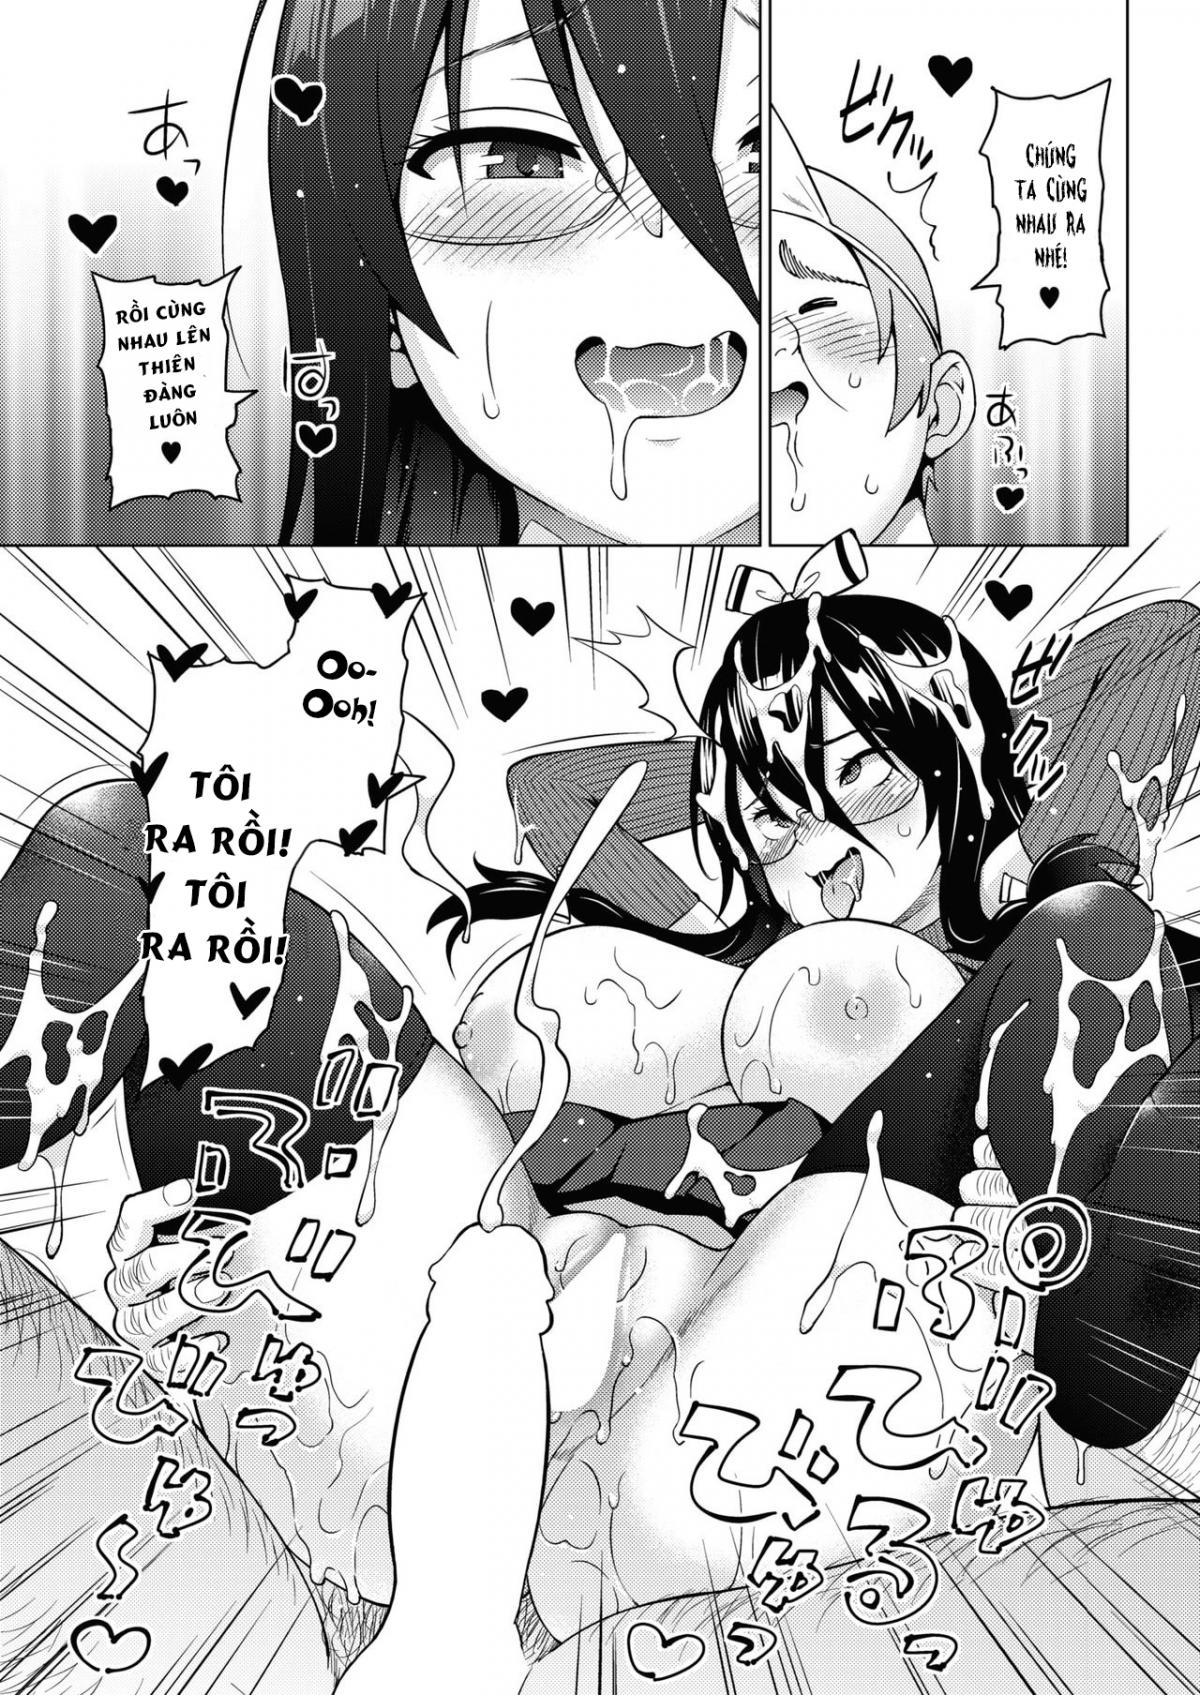 Hình ảnh  trong bài viết Tsukaretemo Koi ga Shitai! Ichi-wa